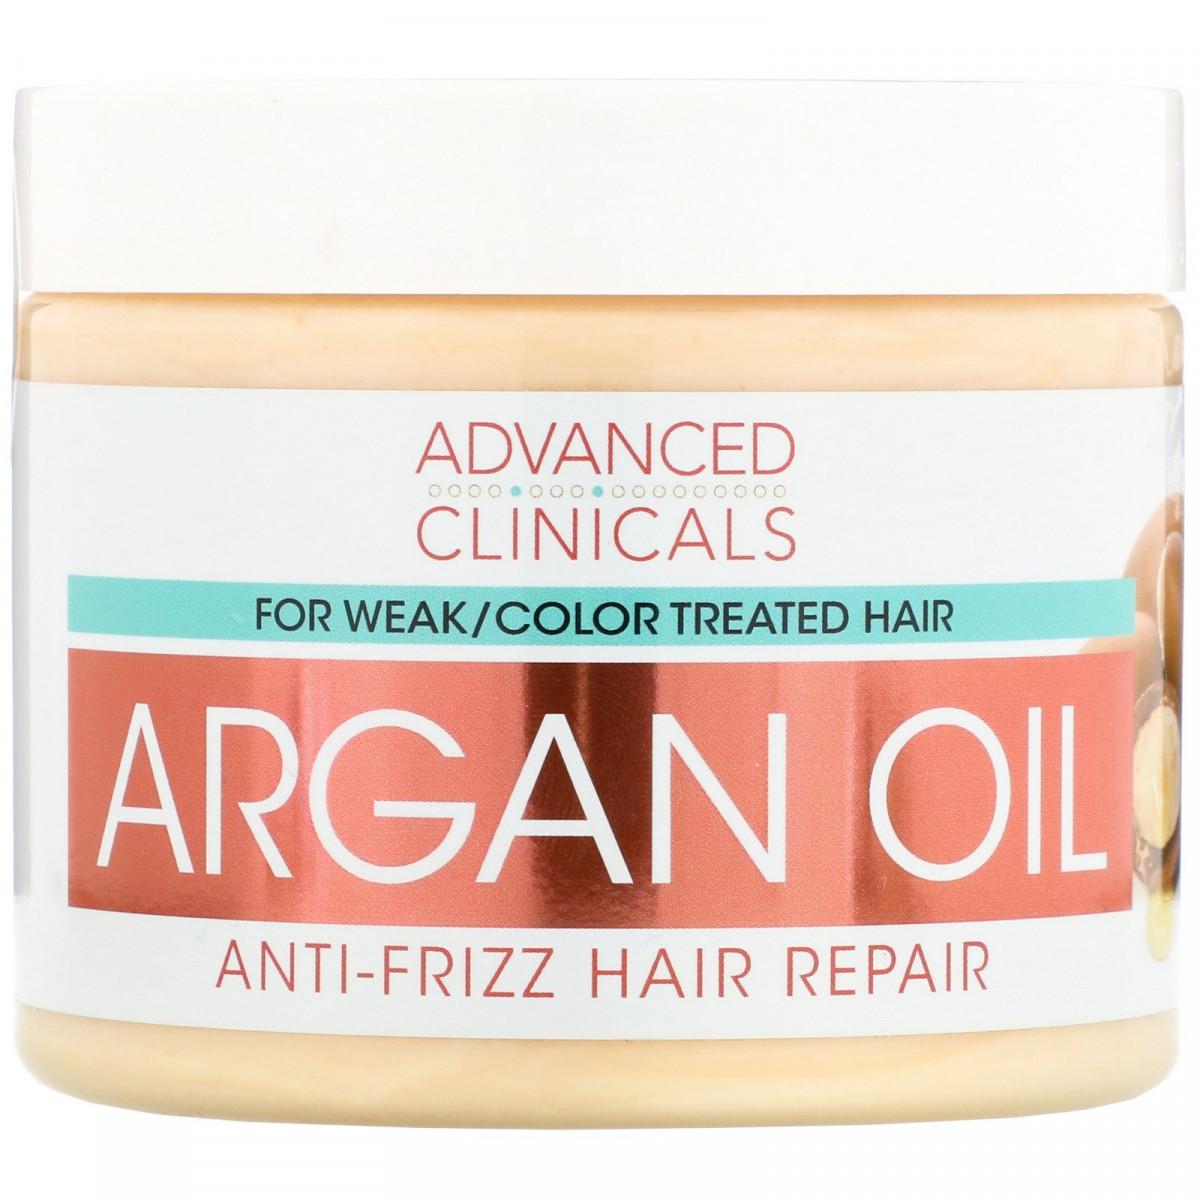 Арганова олія, відновлення волосся, Argan Oil, Anti-Frizz Hair Repair, Advanced Clinicals, 355 мл